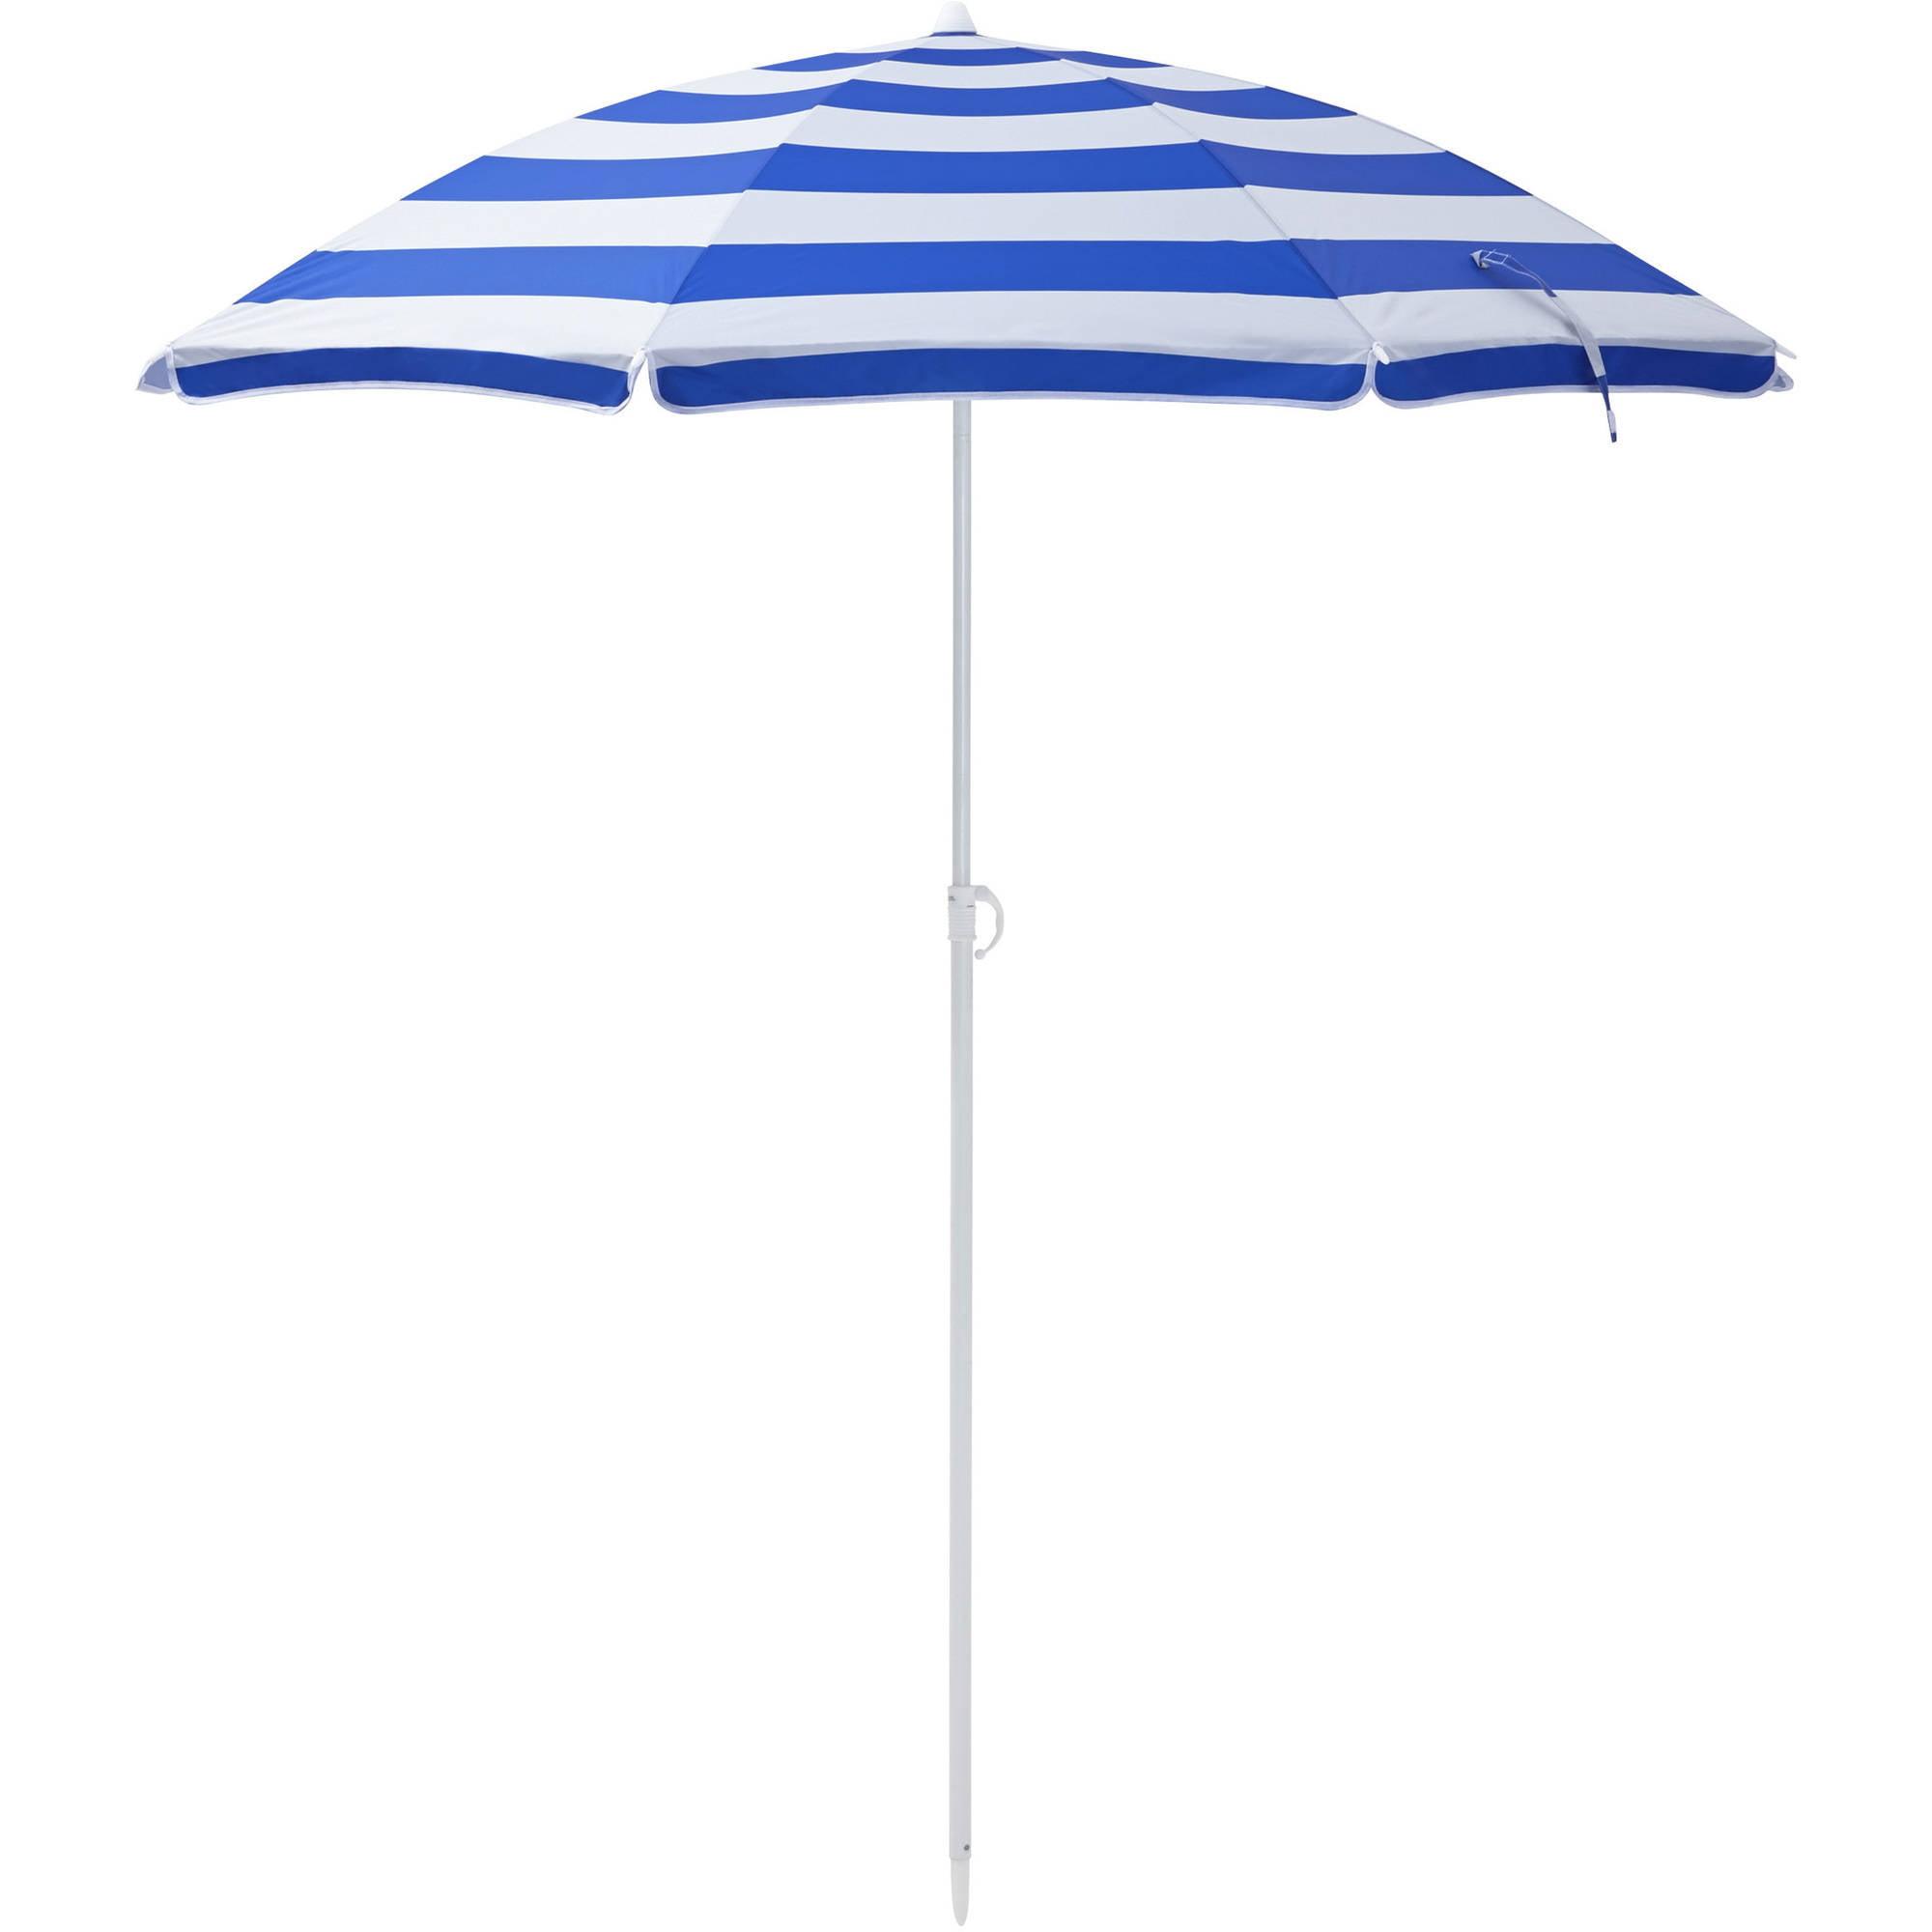 Mainstays 6 OPP Beach Umbrella Assortment Walmart